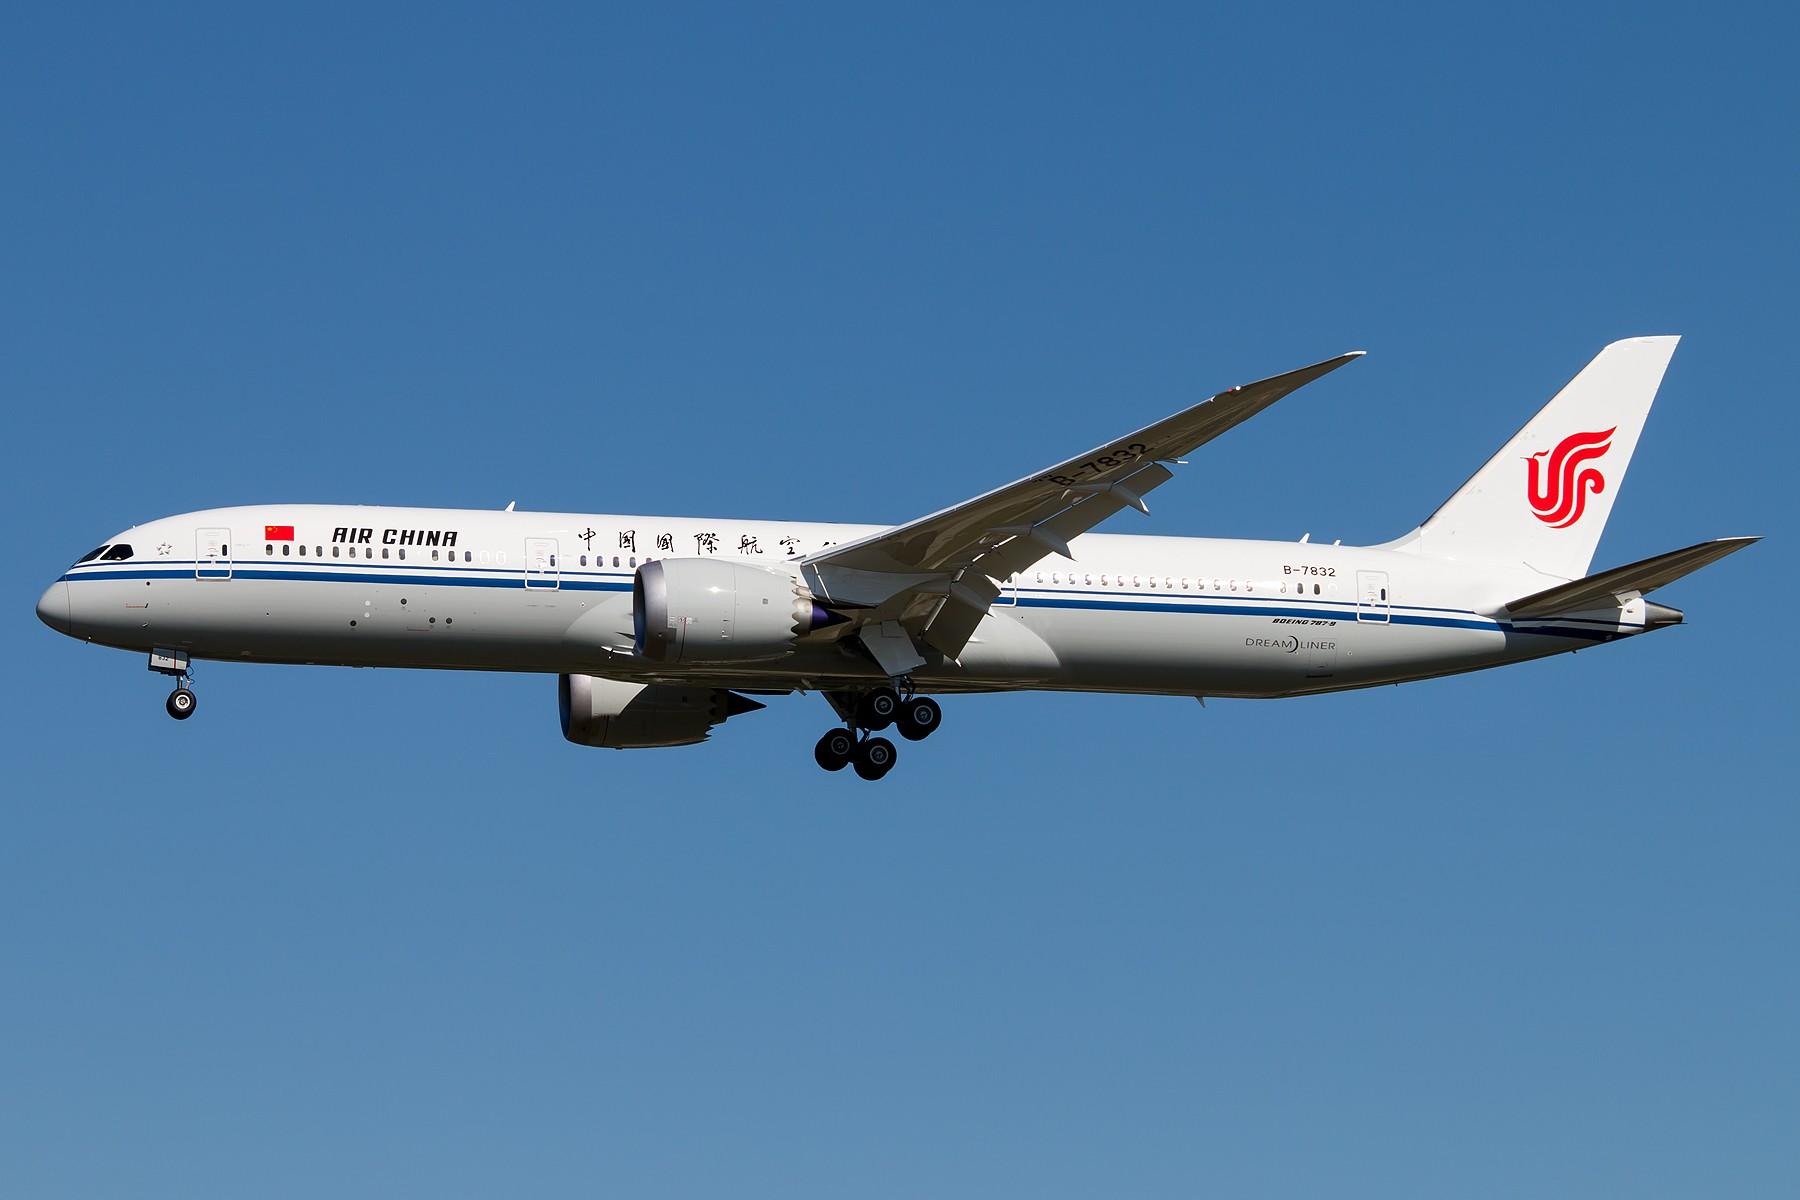 [原创][一图党] 国航第五架B787-9 B-7832 1800*1200 BOEING B787-9 DREAMLINER B-7832 中国北京首都国际机场